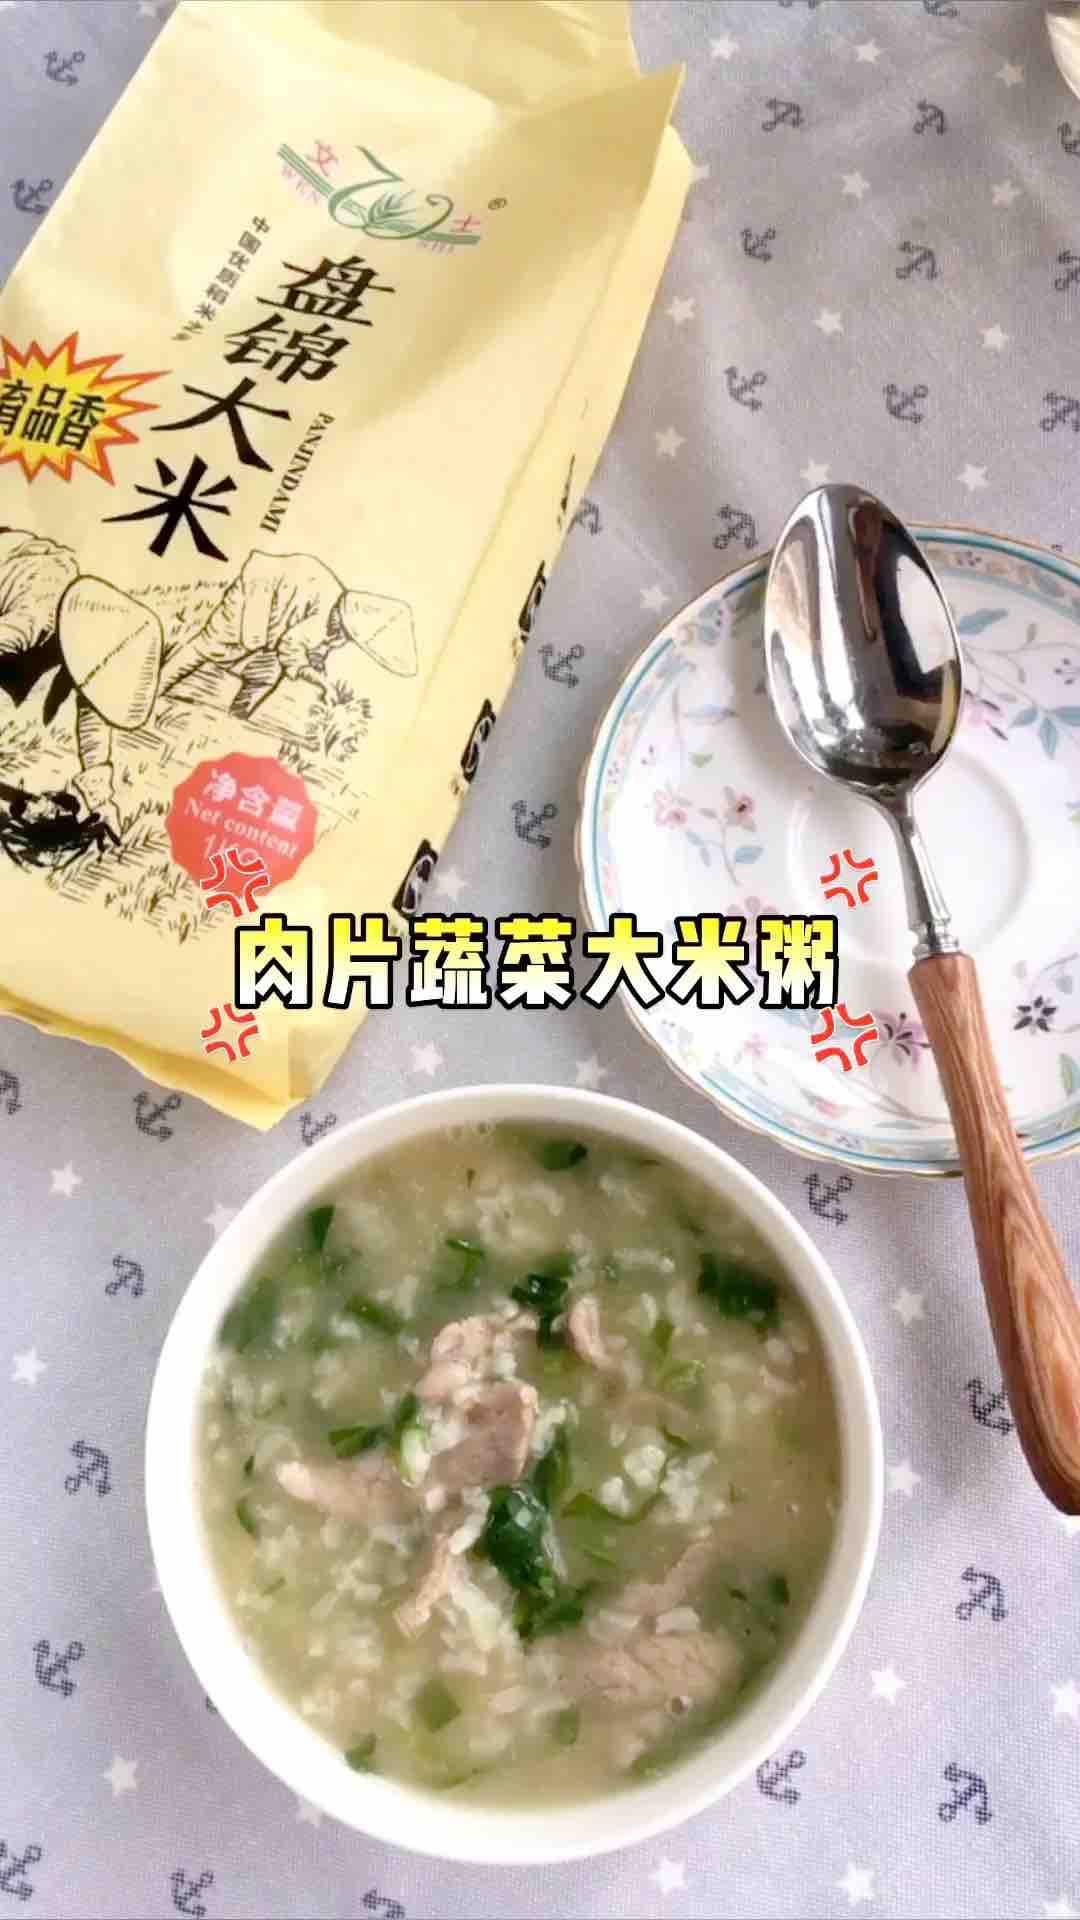 肉片蔬菜米粥